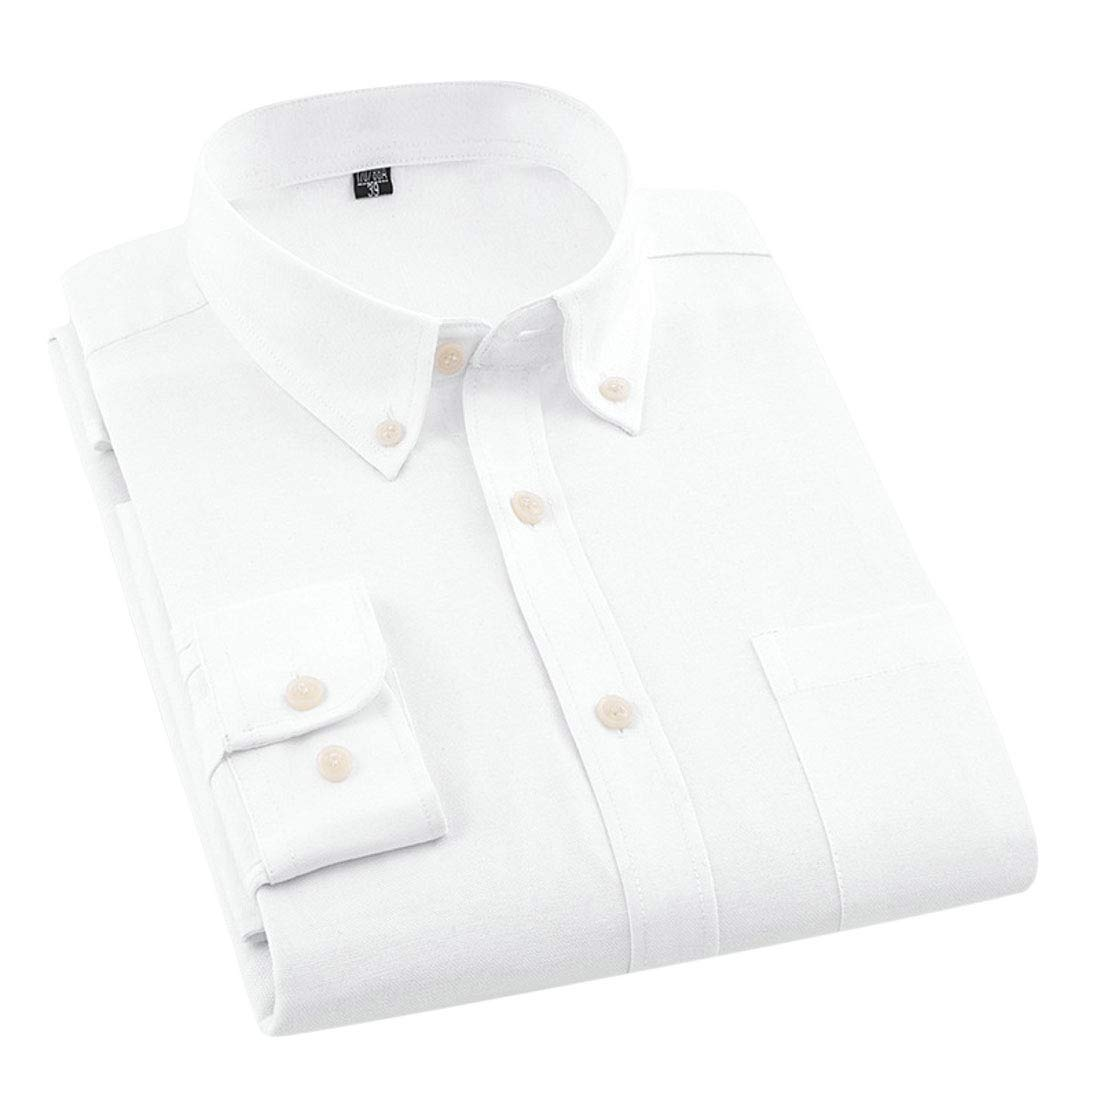 X-Future Mens Long Sleeve Pure Color Lapel Neck Business Slim Fit Button Down Dress Shirt